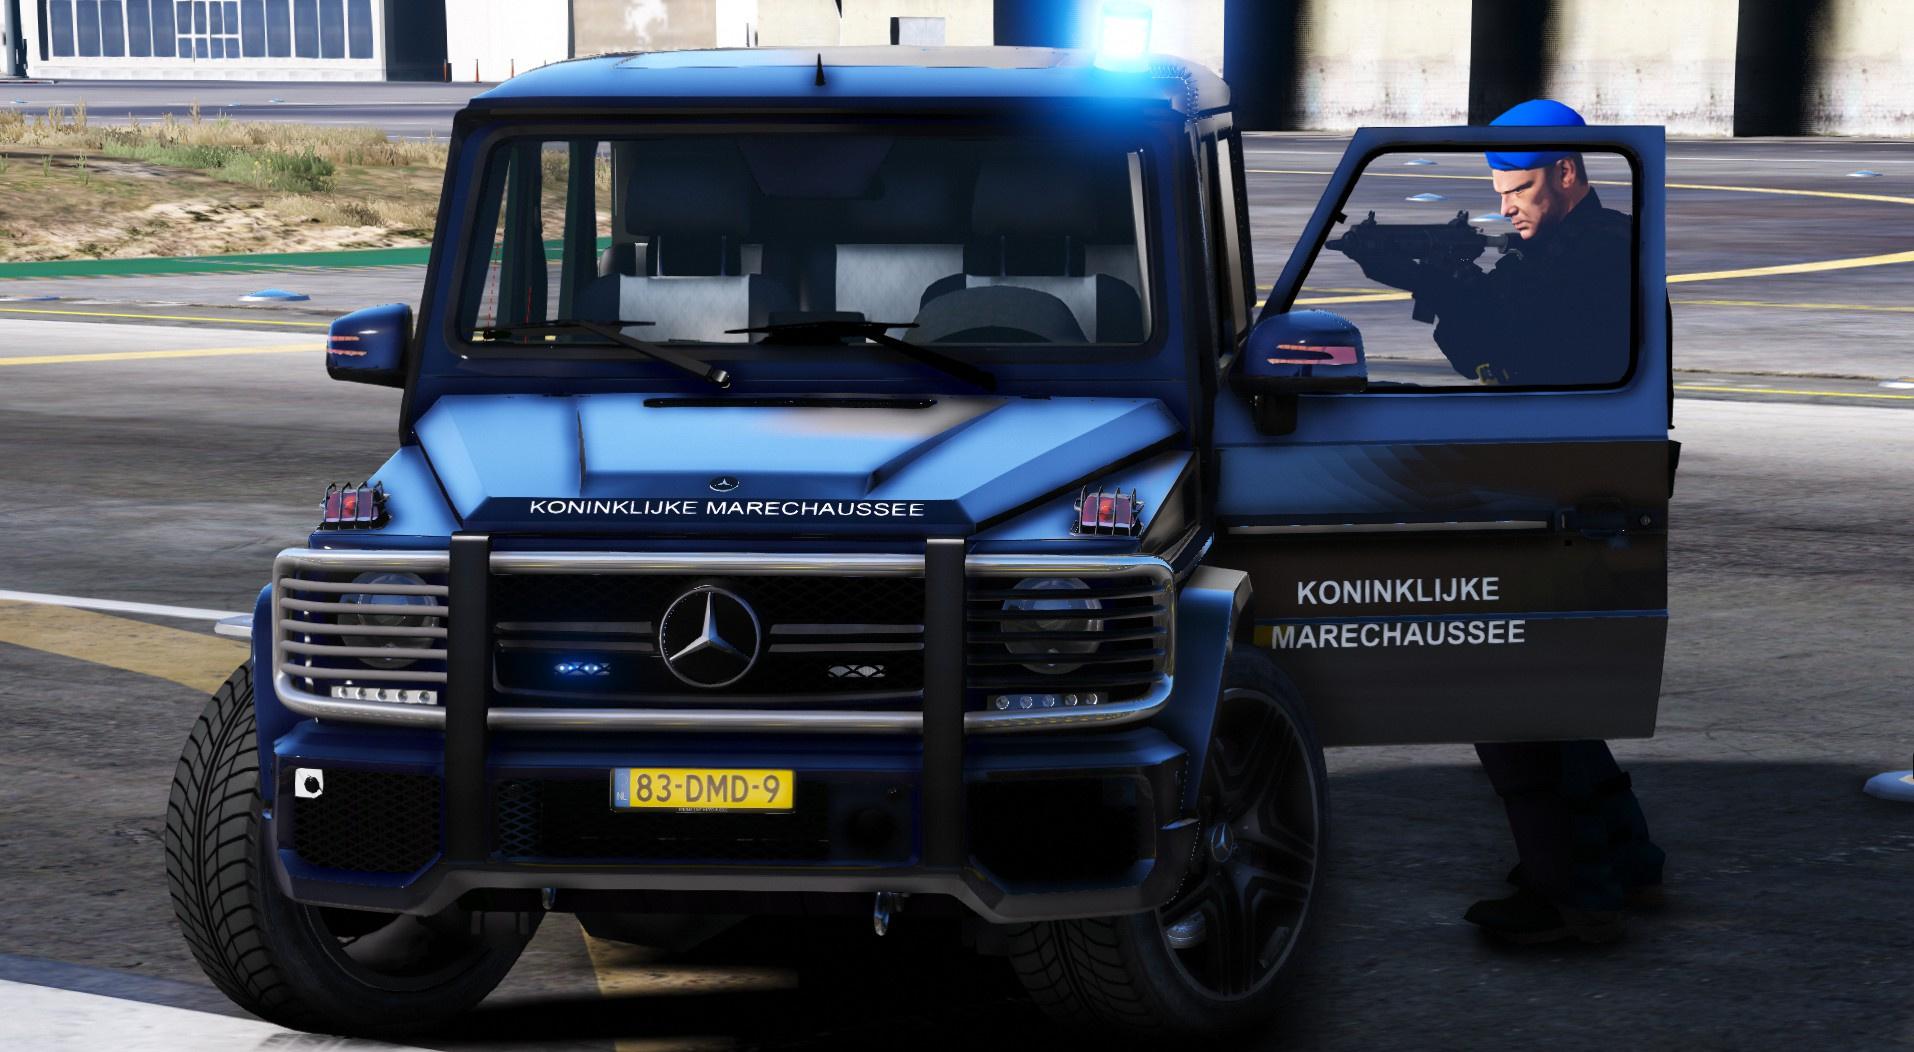 Mercedes G65 Koninklijke Marechaussee Dutch Royal